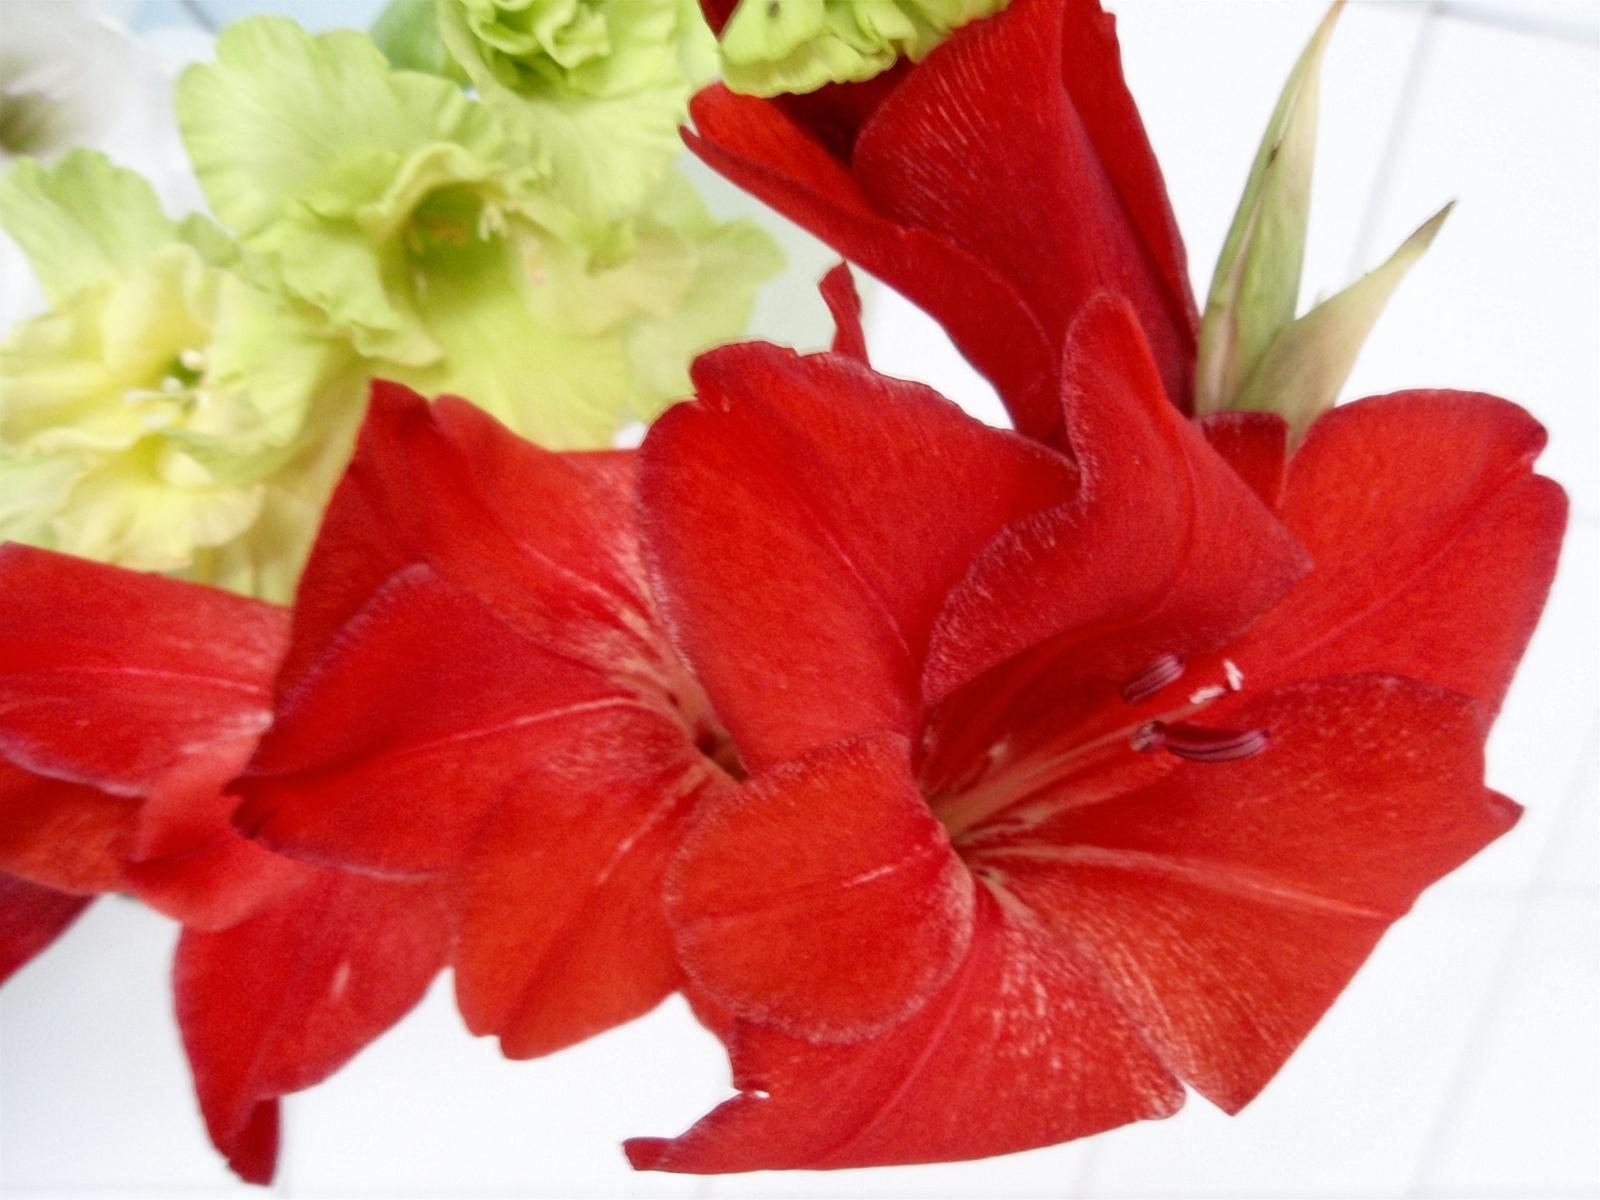 Handy-Wallpaper Pflanzen, Blumen, Lilien kostenlos herunterladen.